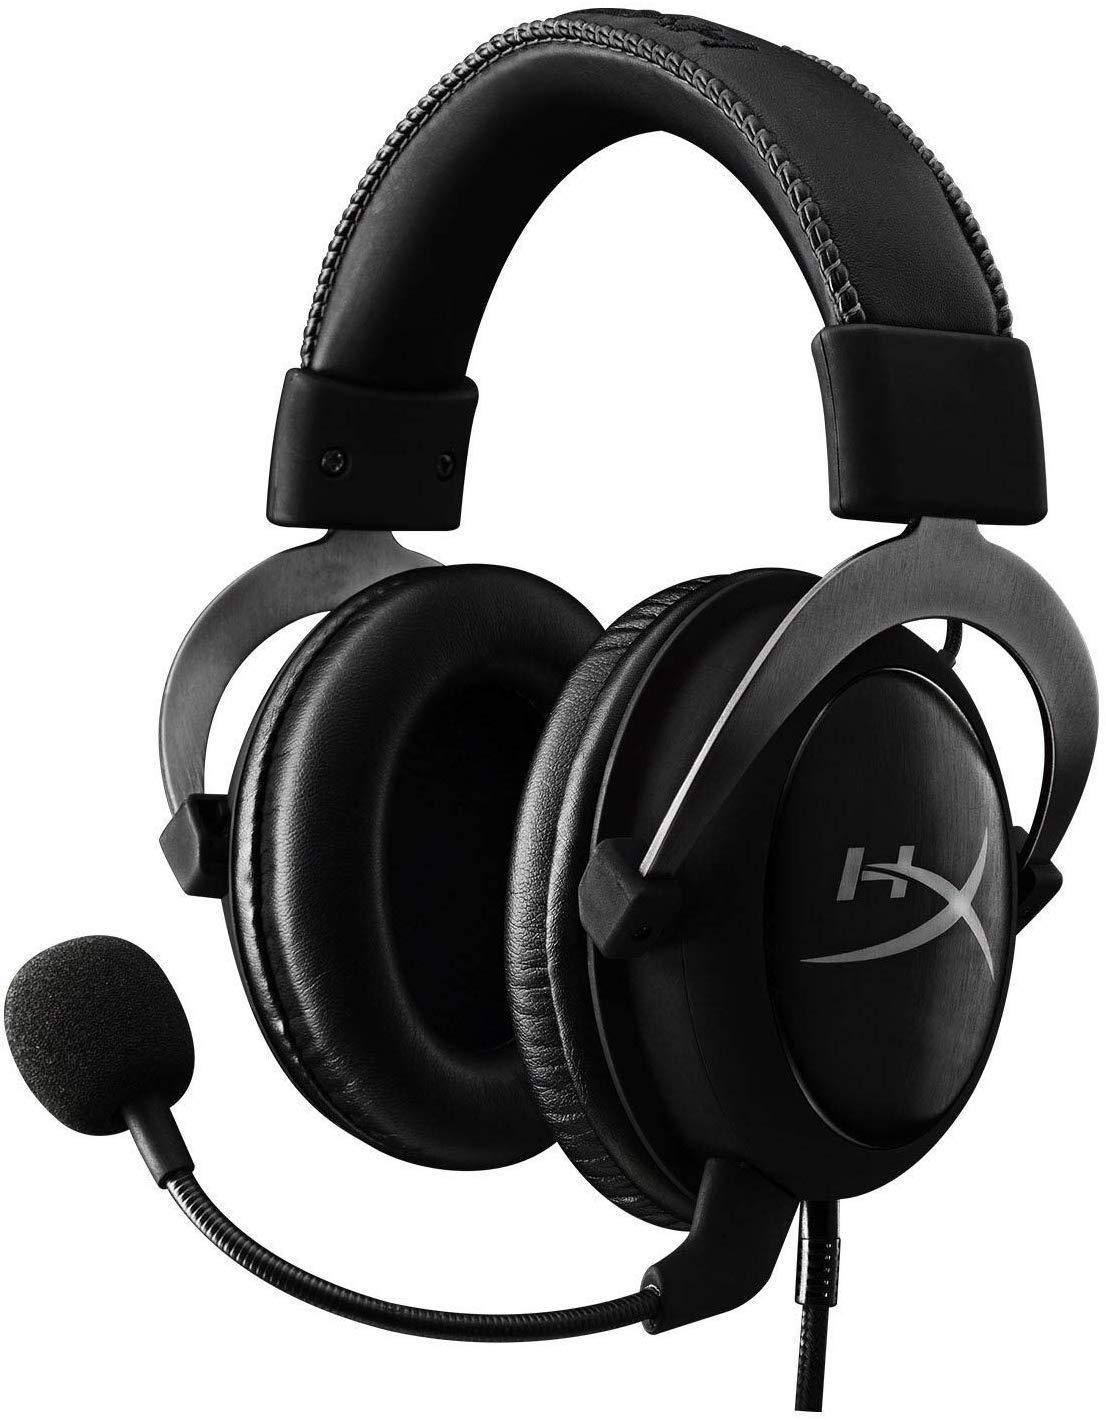 HyperX Cloud Gaming Headset KHX HSCP GM